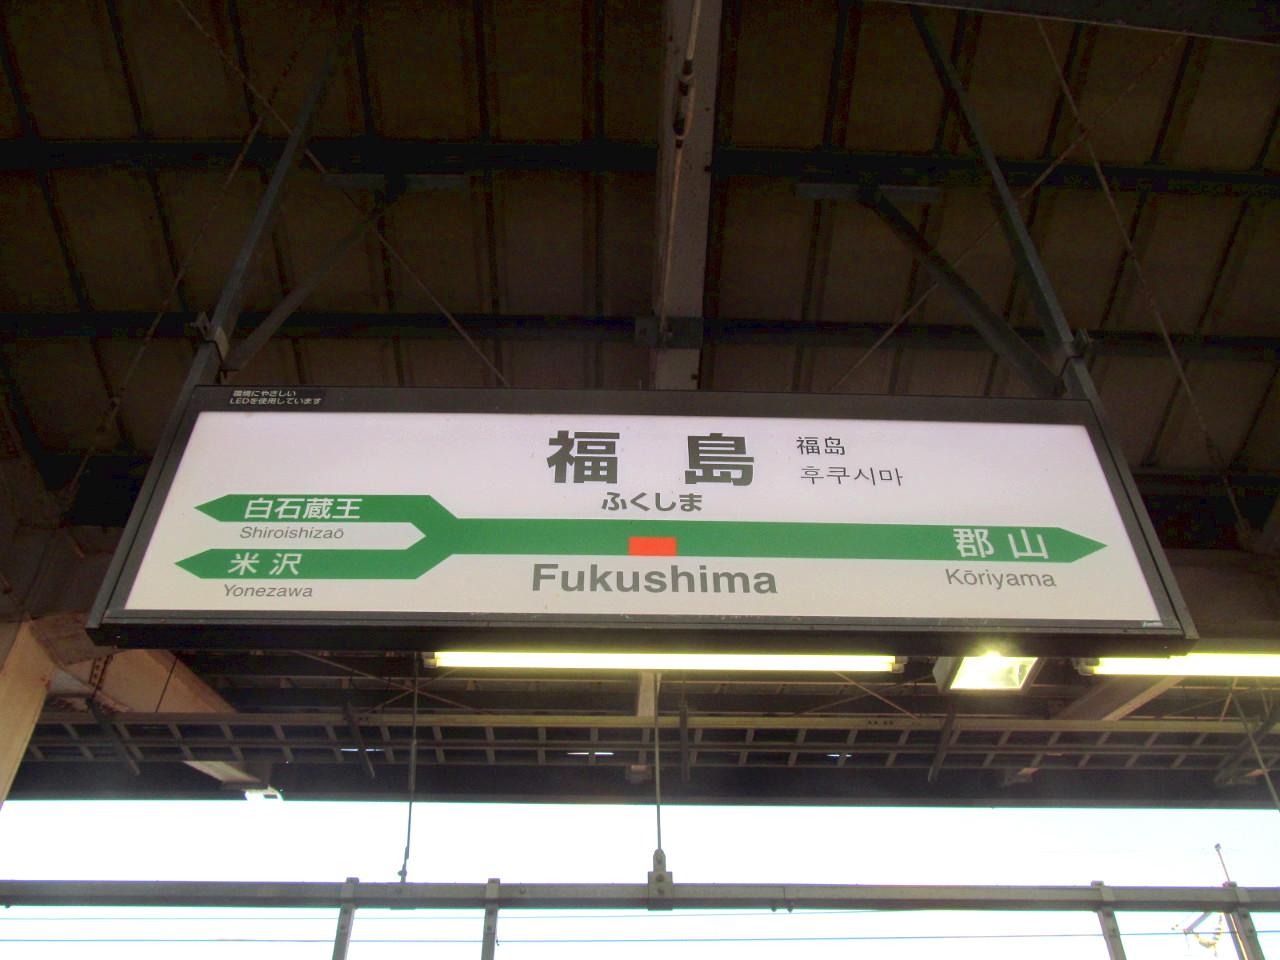 福島に来たのでその道中2020年2月アイキャッチ1280調整2